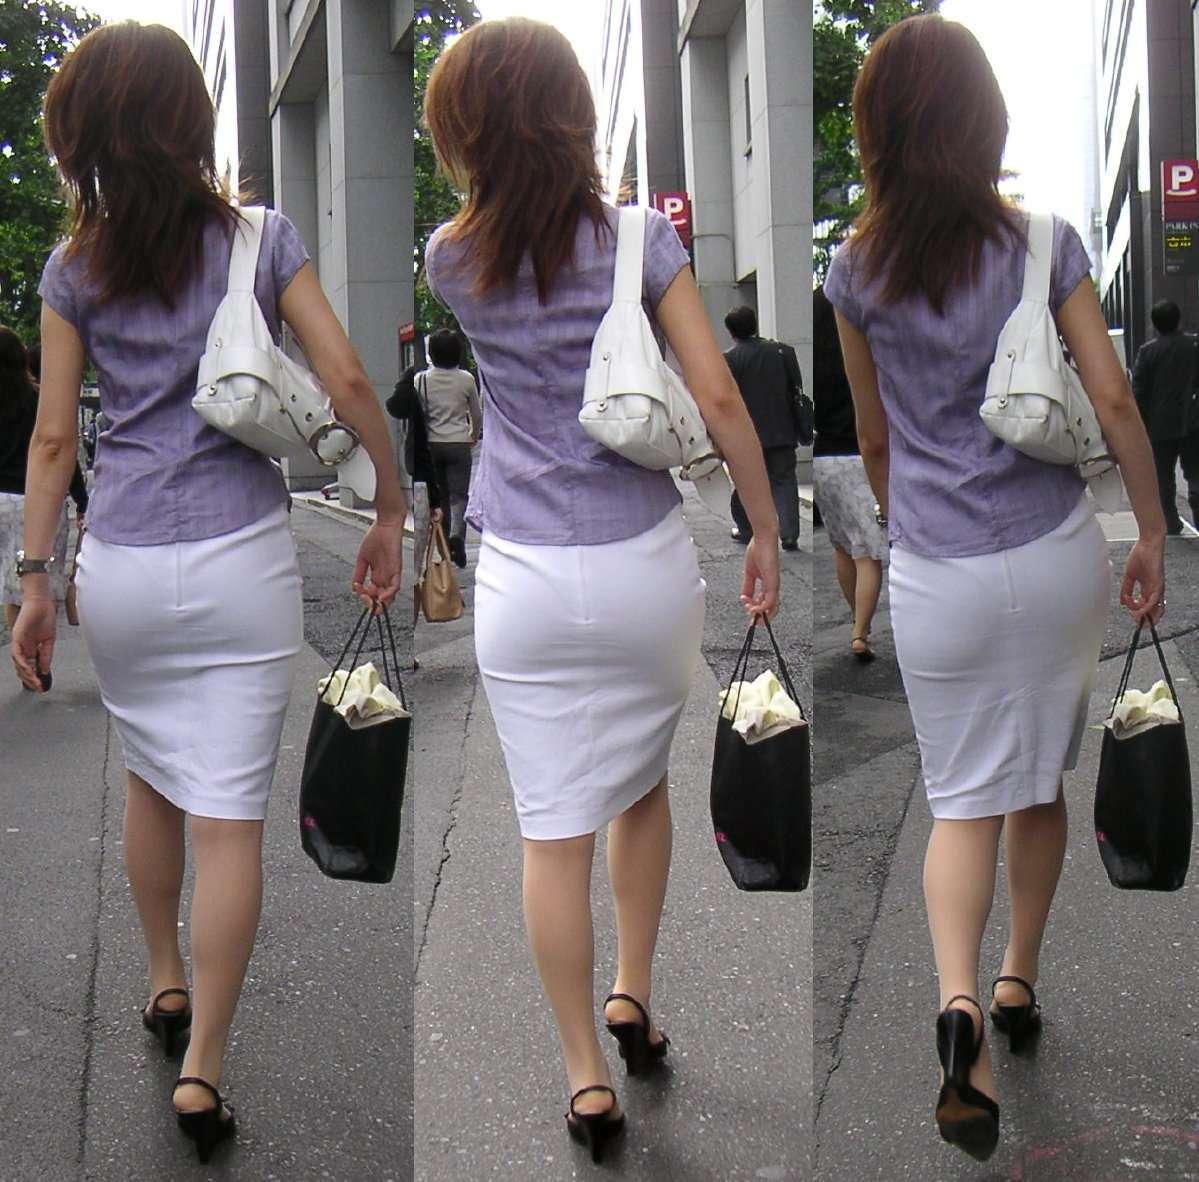 【透け下着画像】うっすらどころか柄まで確認できるイヤらしい透け下着www 19